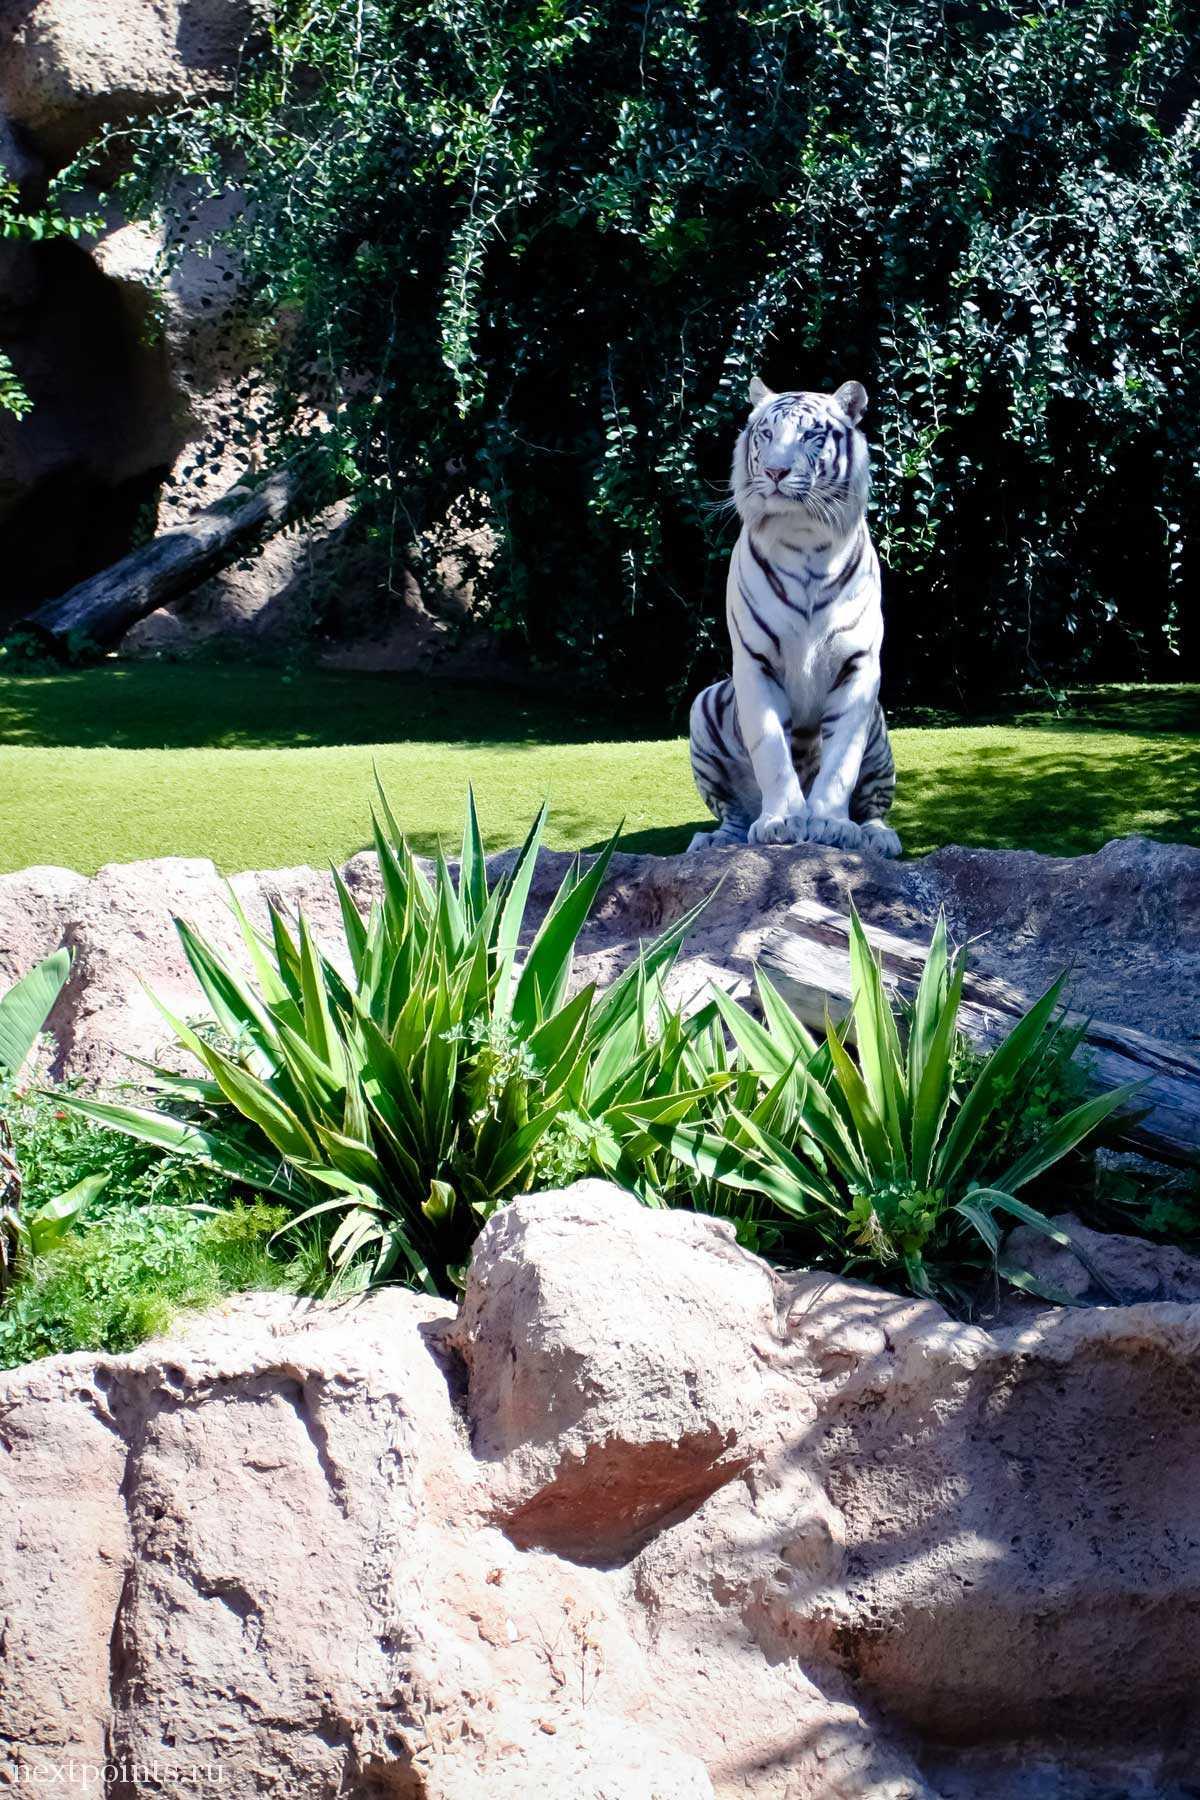 Тигр внимательно смотрит на посетителей Лоро Парка